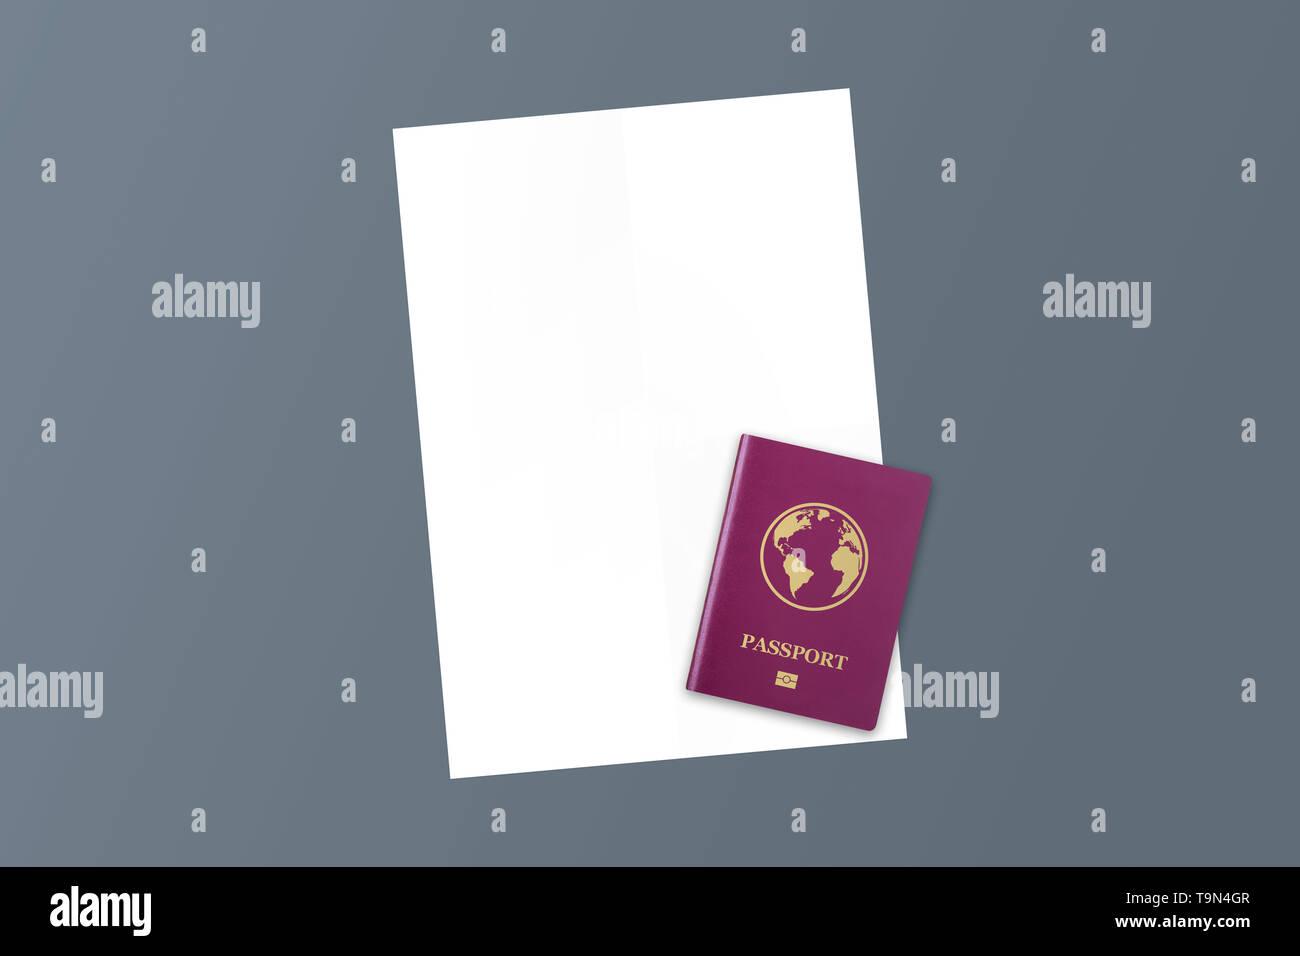 Ilustración 3D de color rojo de carné internacional realista y documento con espacio de copia. Imagen De Stock